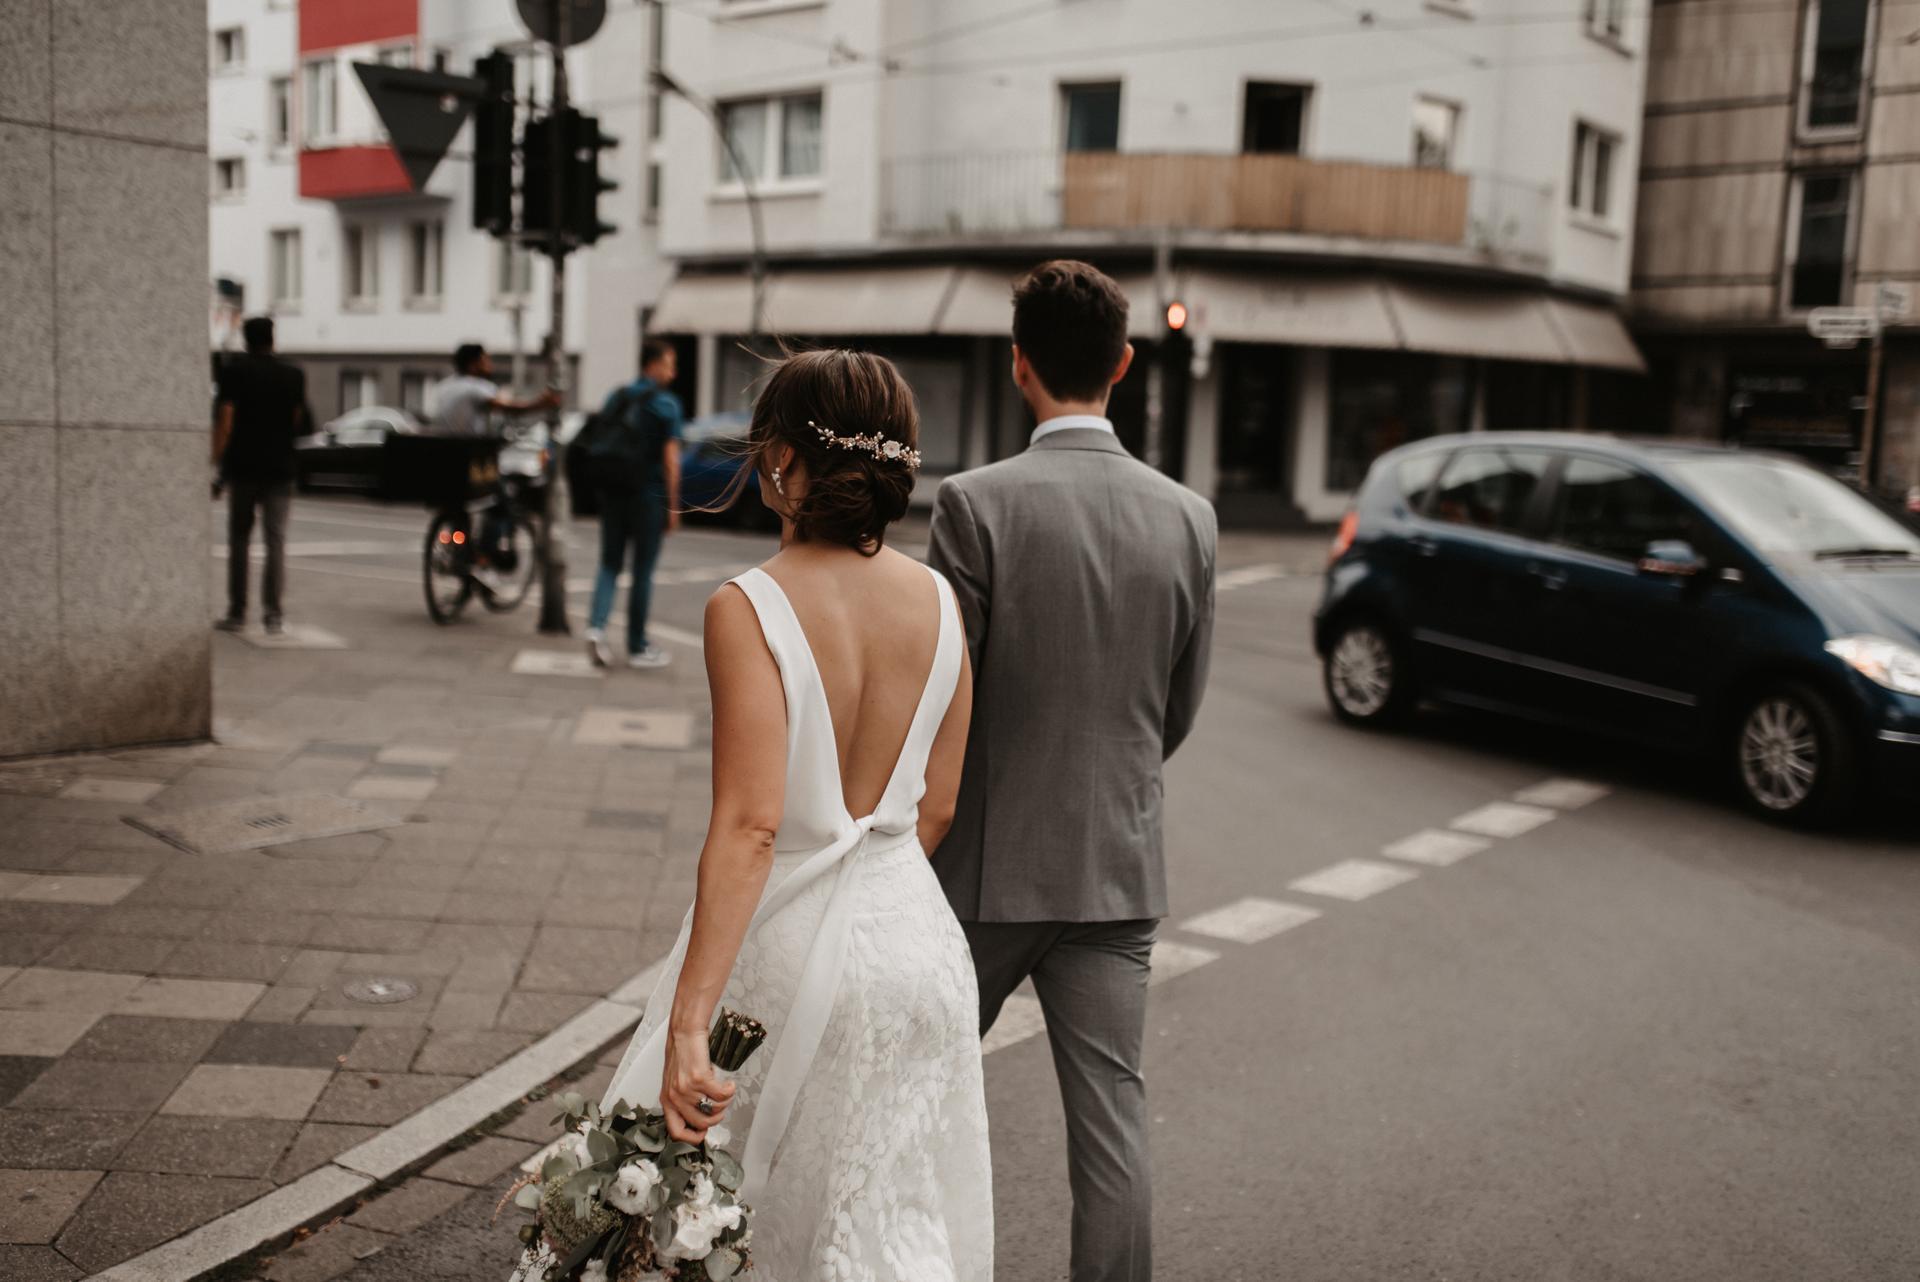 Brautpaar händchenhaltend auf der Strasse, Rückenansicht